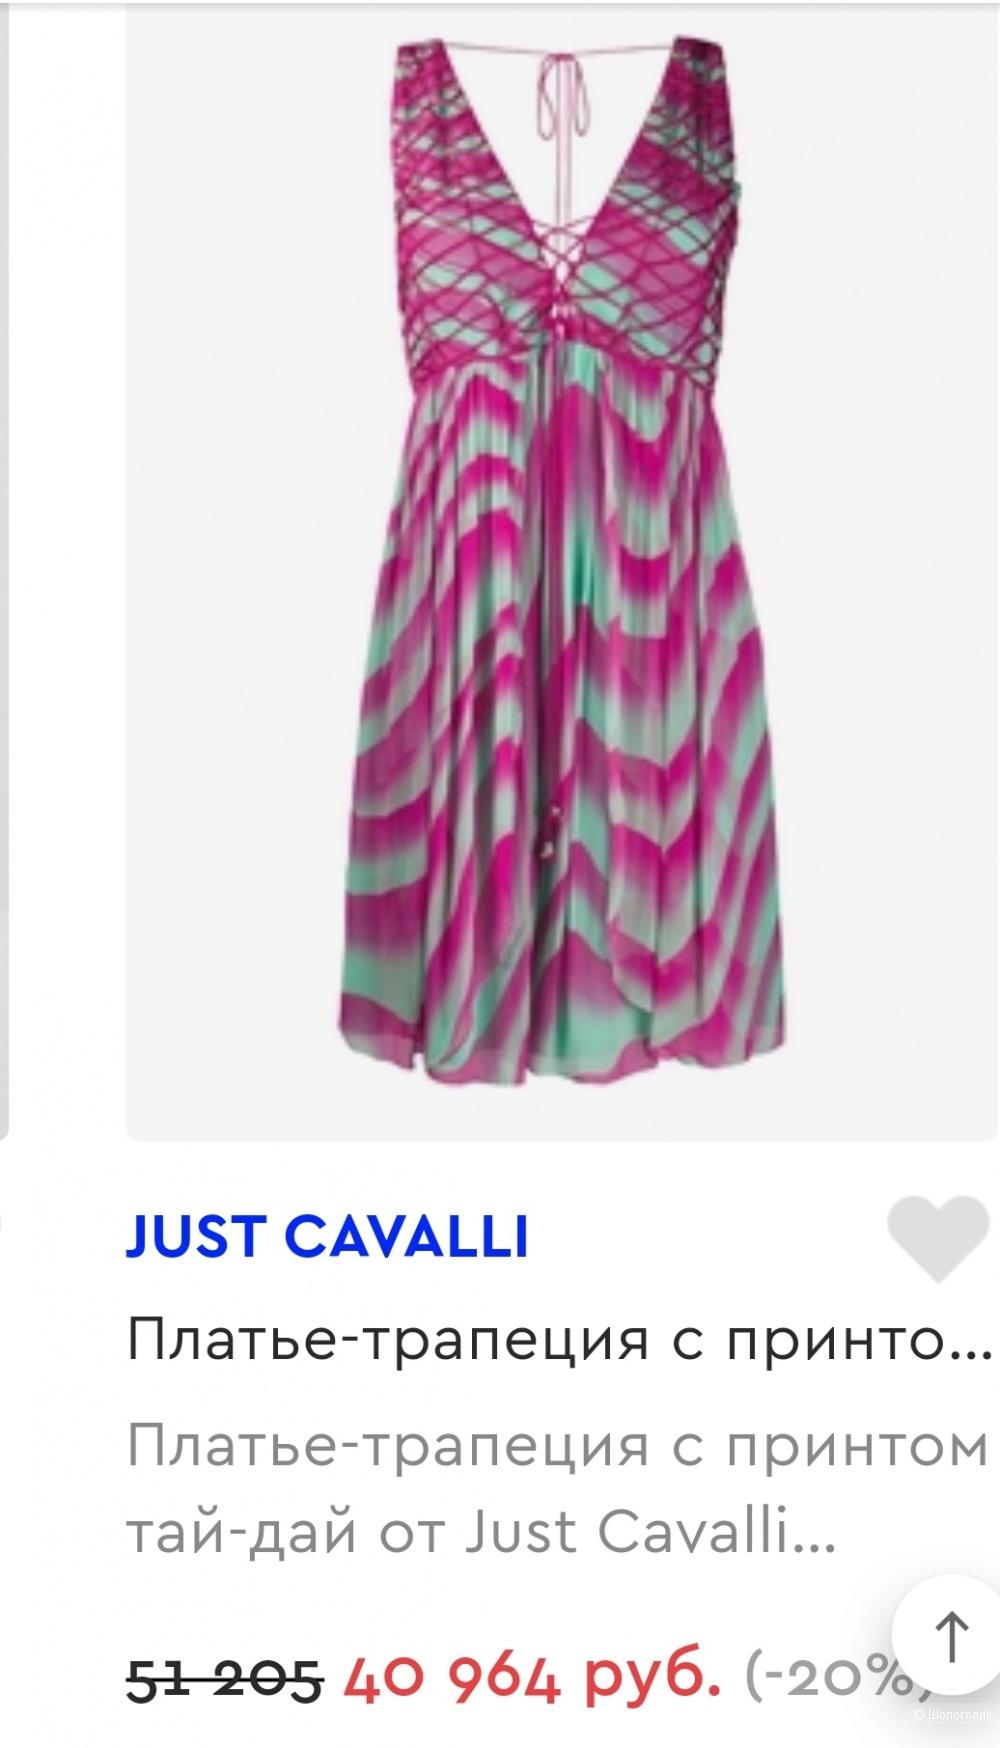 Платье -сарафан Cavalli, на 46-48